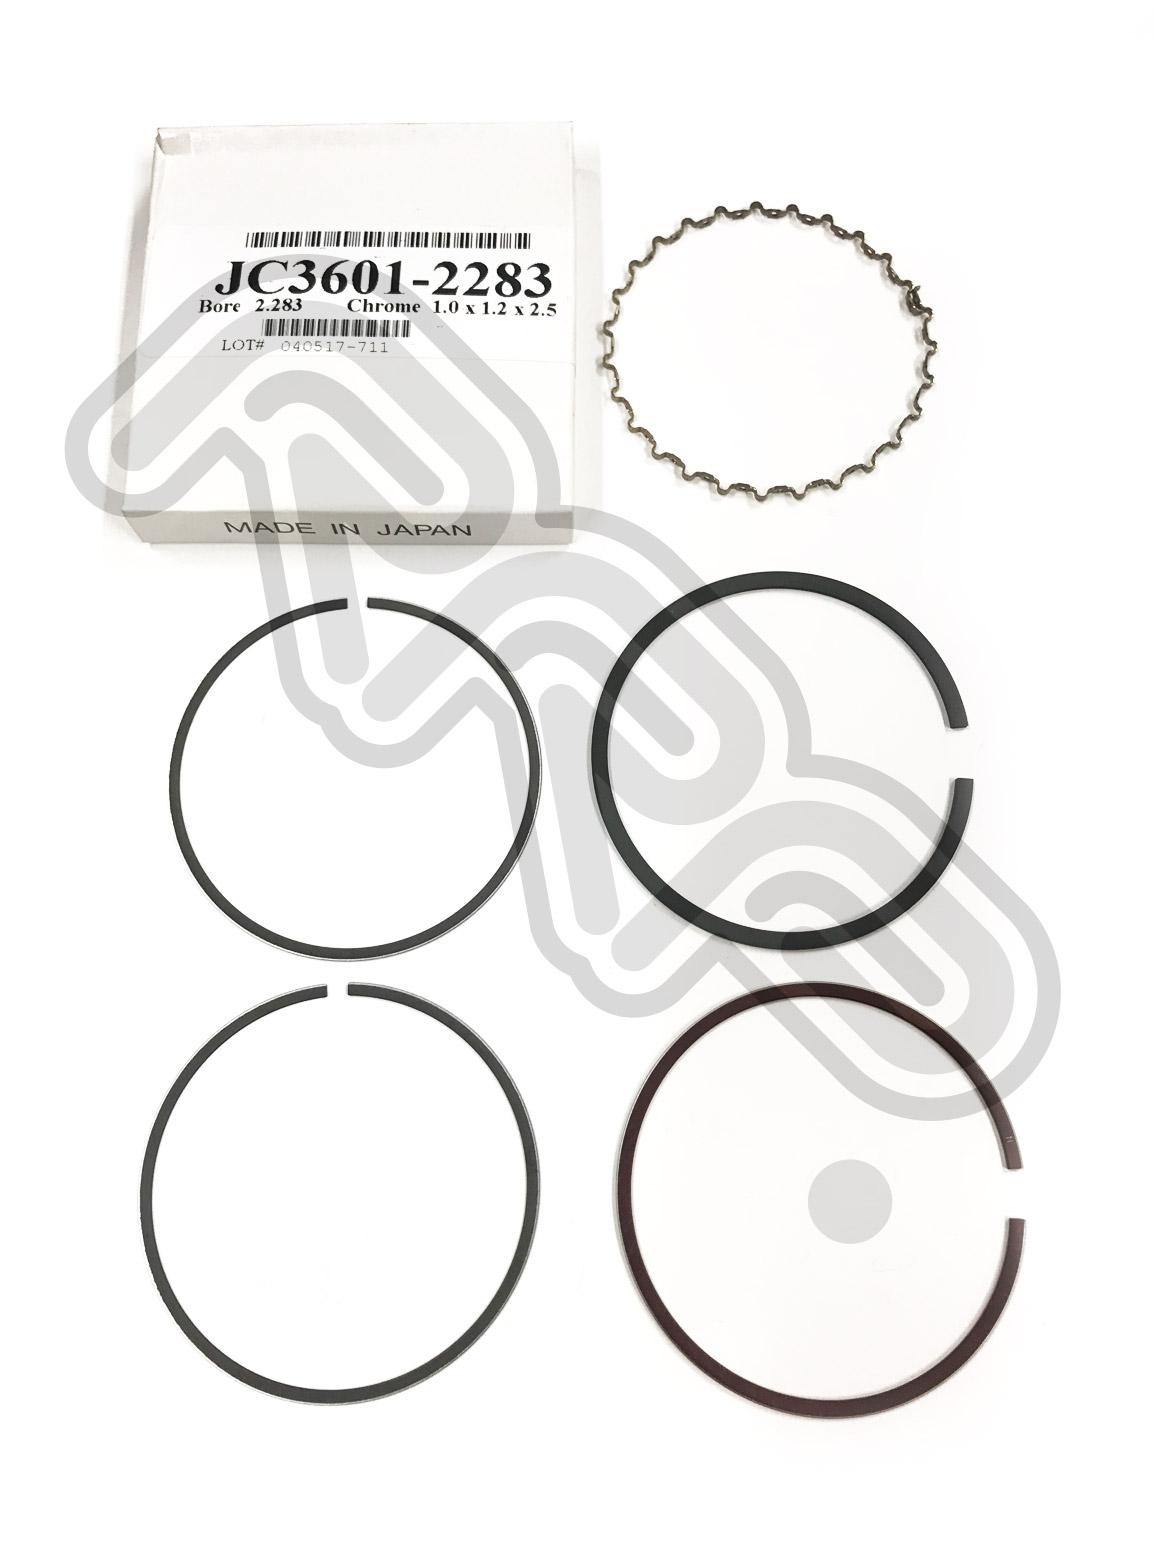 JC3601-2283 - JE Piston Ring 58mm Single Kit